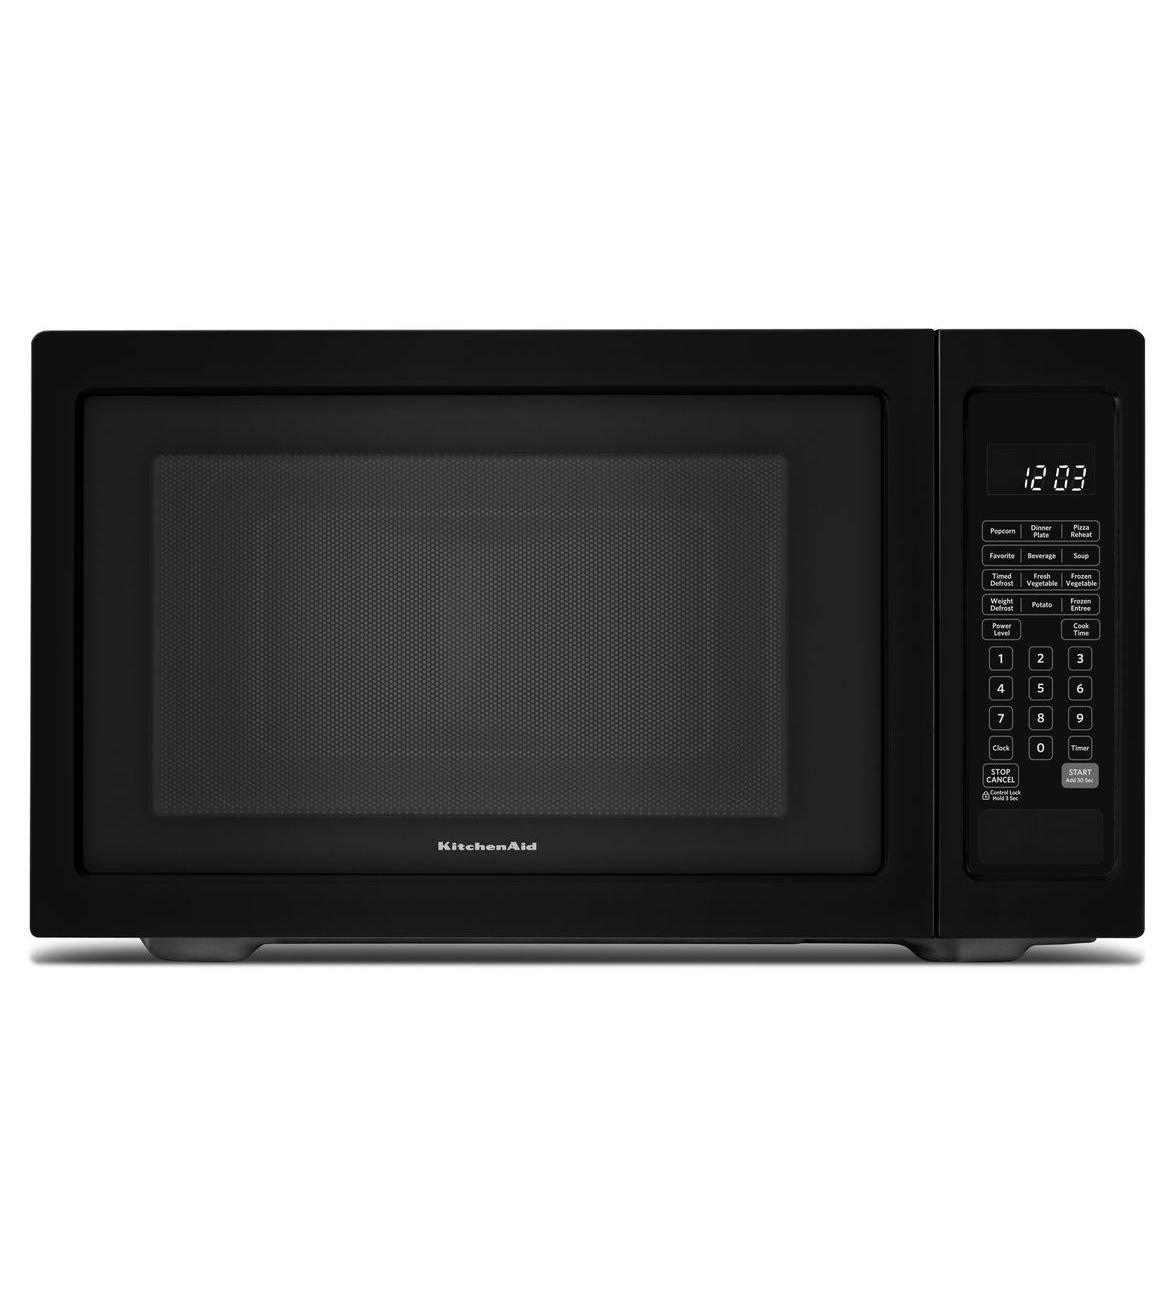 KitchenAid KCMS1655BBL